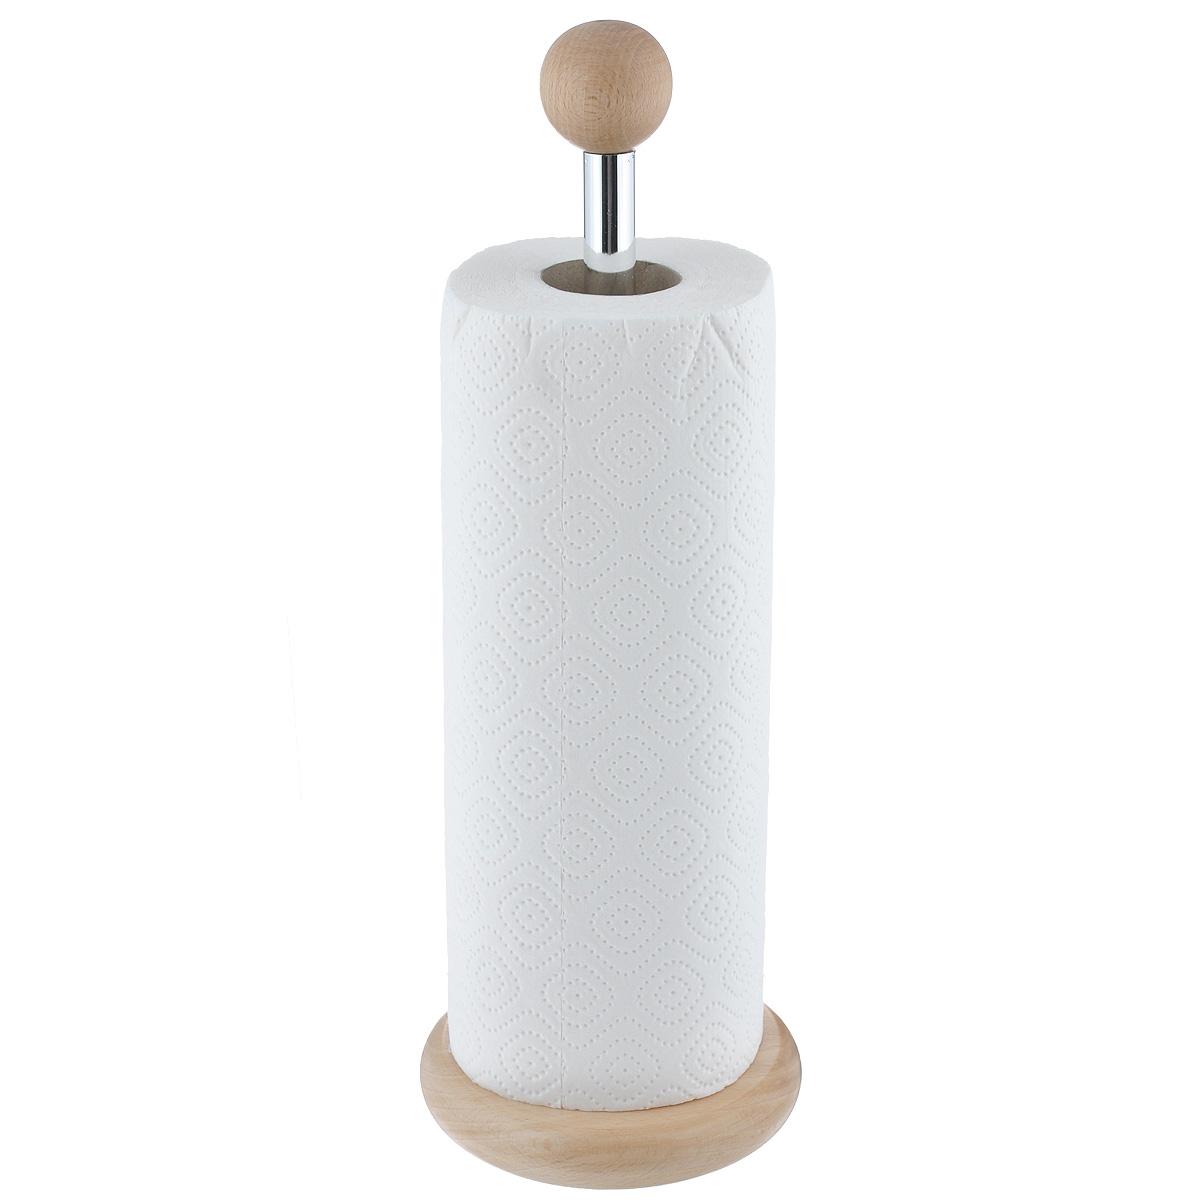 Держатель для бумажных полотенец Kesper9000-9Держатель Kesper, изготовленный из высококачественного дерева, предназначен для бумажных полотенец. Изделие имеет широкое круглое основание. В комплекте - рулон бумажных полотенец.Такой держатель станет полезным аксессуаром в домашнем быту и идеально впишется в интерьер современной кухни.